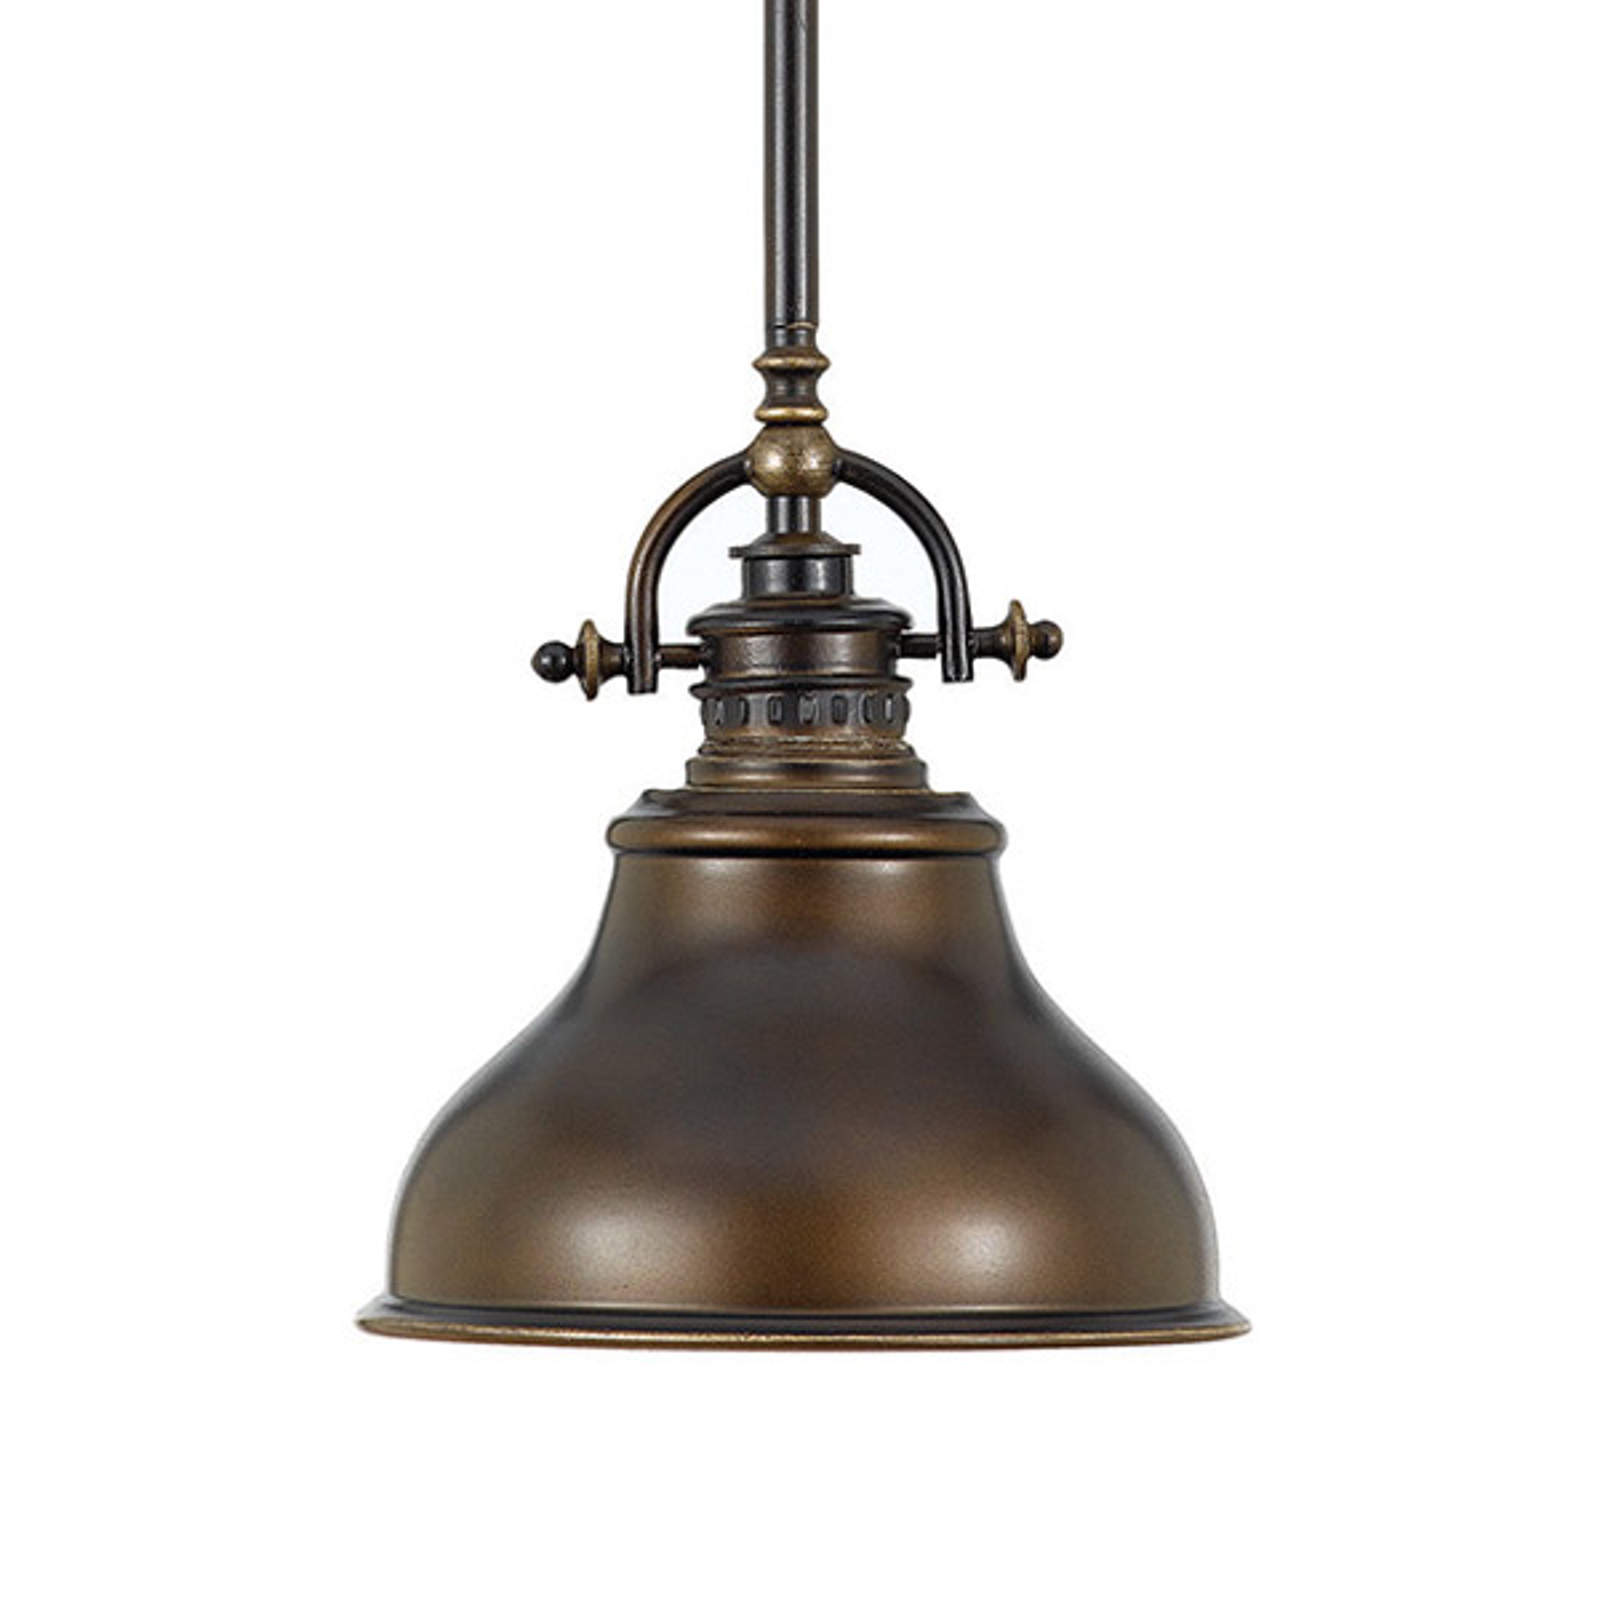 Závěsné světlo Emery, industriální, bronz Ø 20,3cm